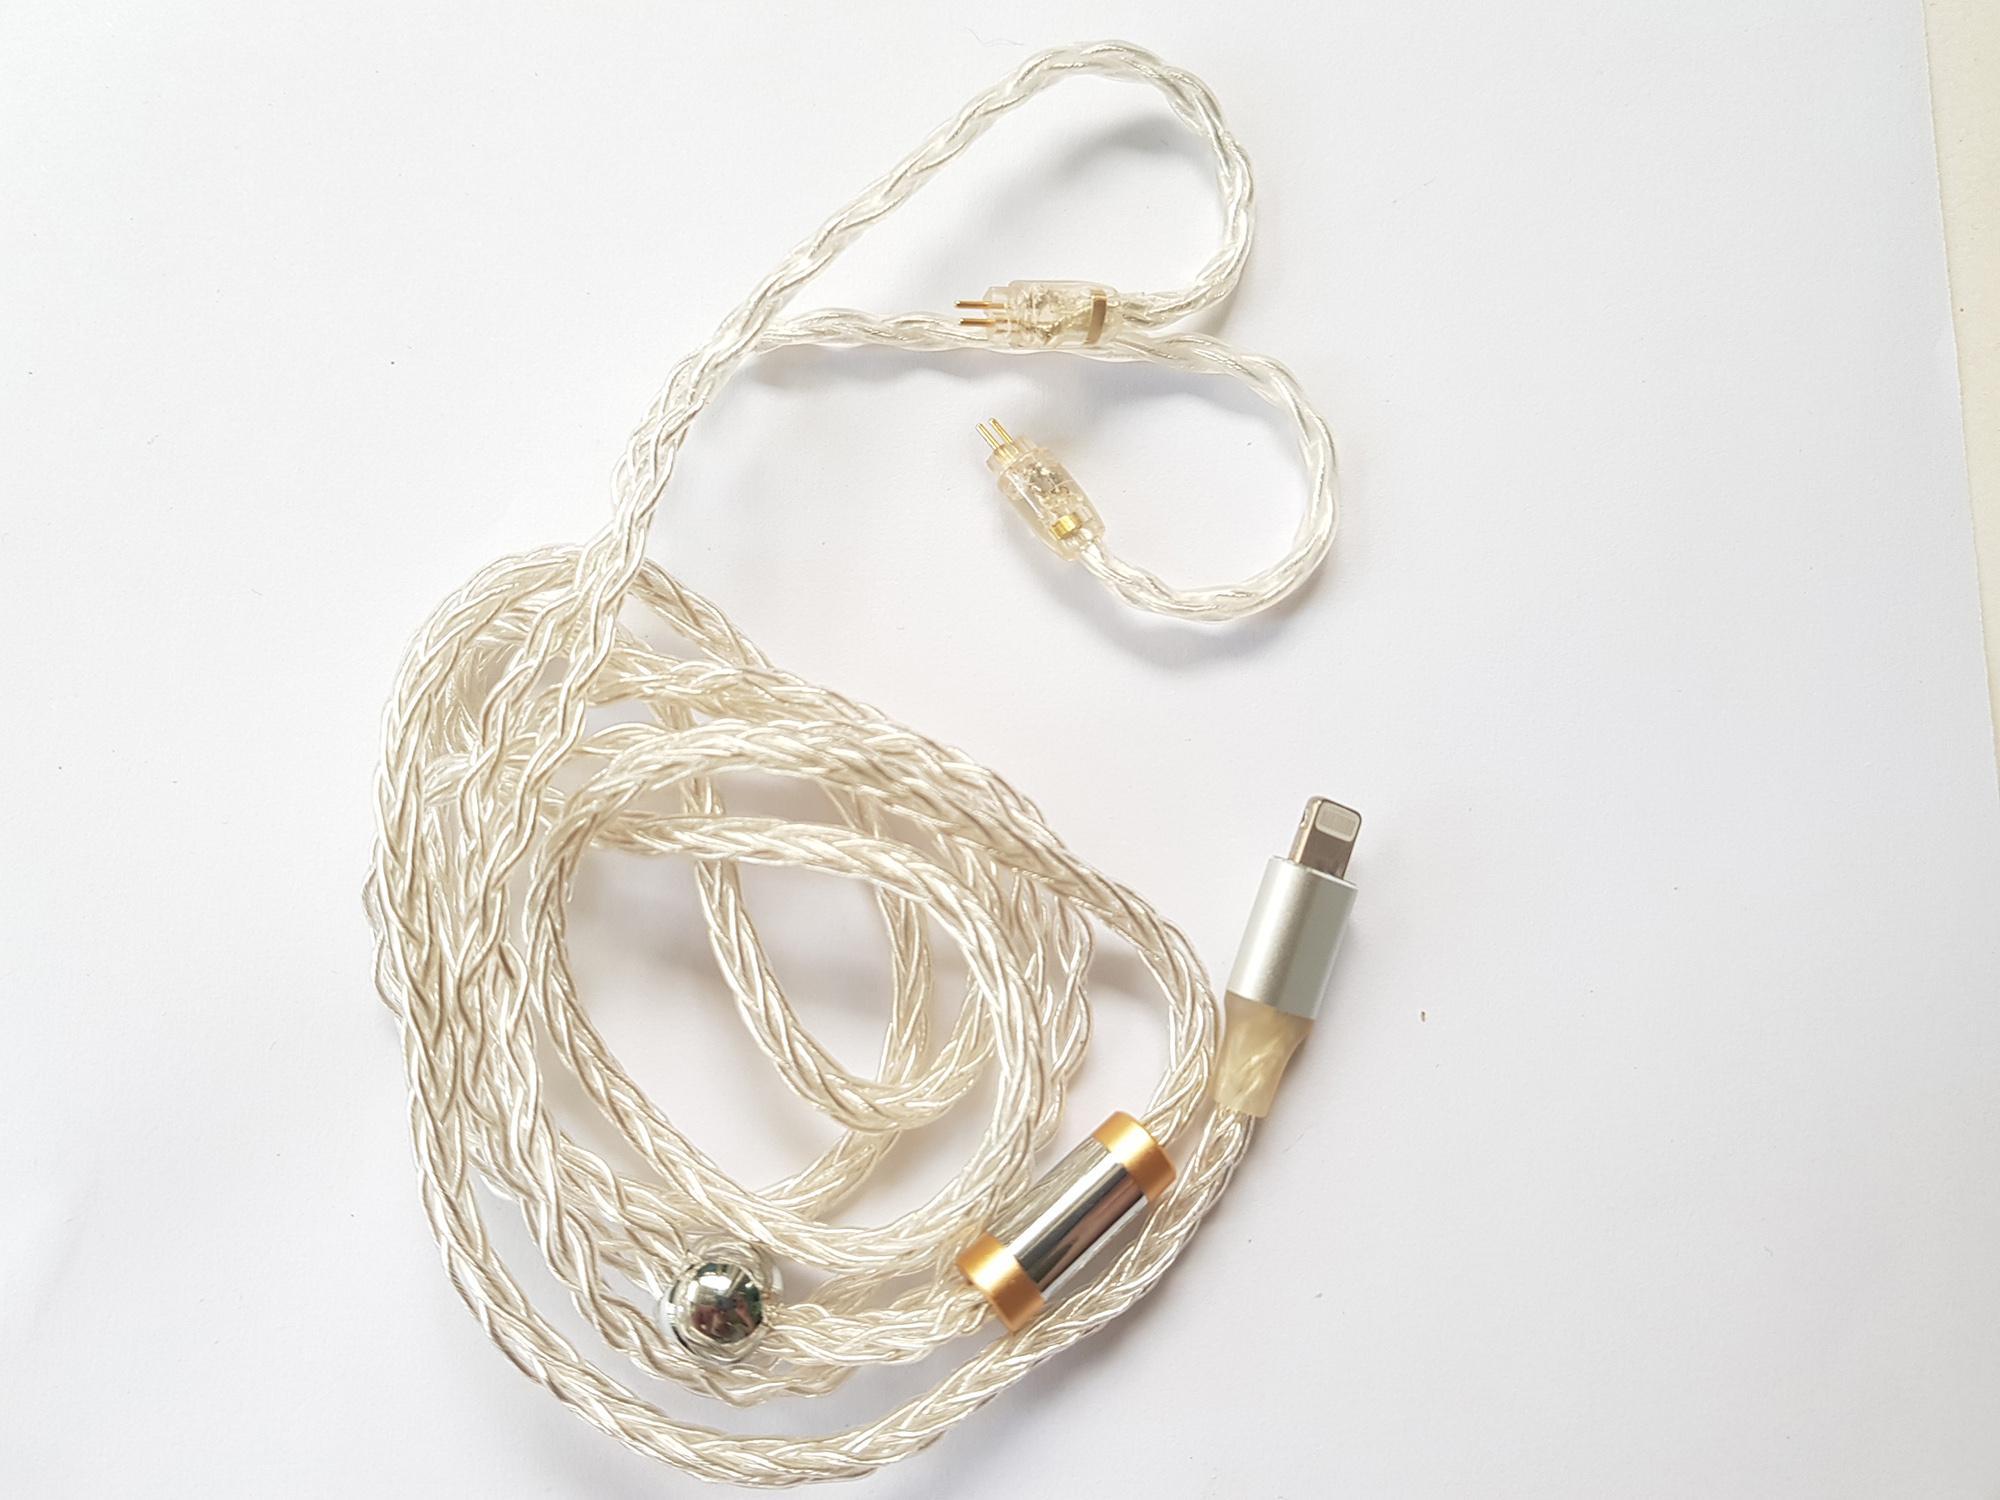 Cáp mạ bạc 8 lõi chất lượng cao cổng Lightning sang chân cắm 2P 0.78mm cho các loại tai nghe KZ TRN TFZ QKZ...Chip Apple C101 (MFI ) cho IP7 8 X XR XS...